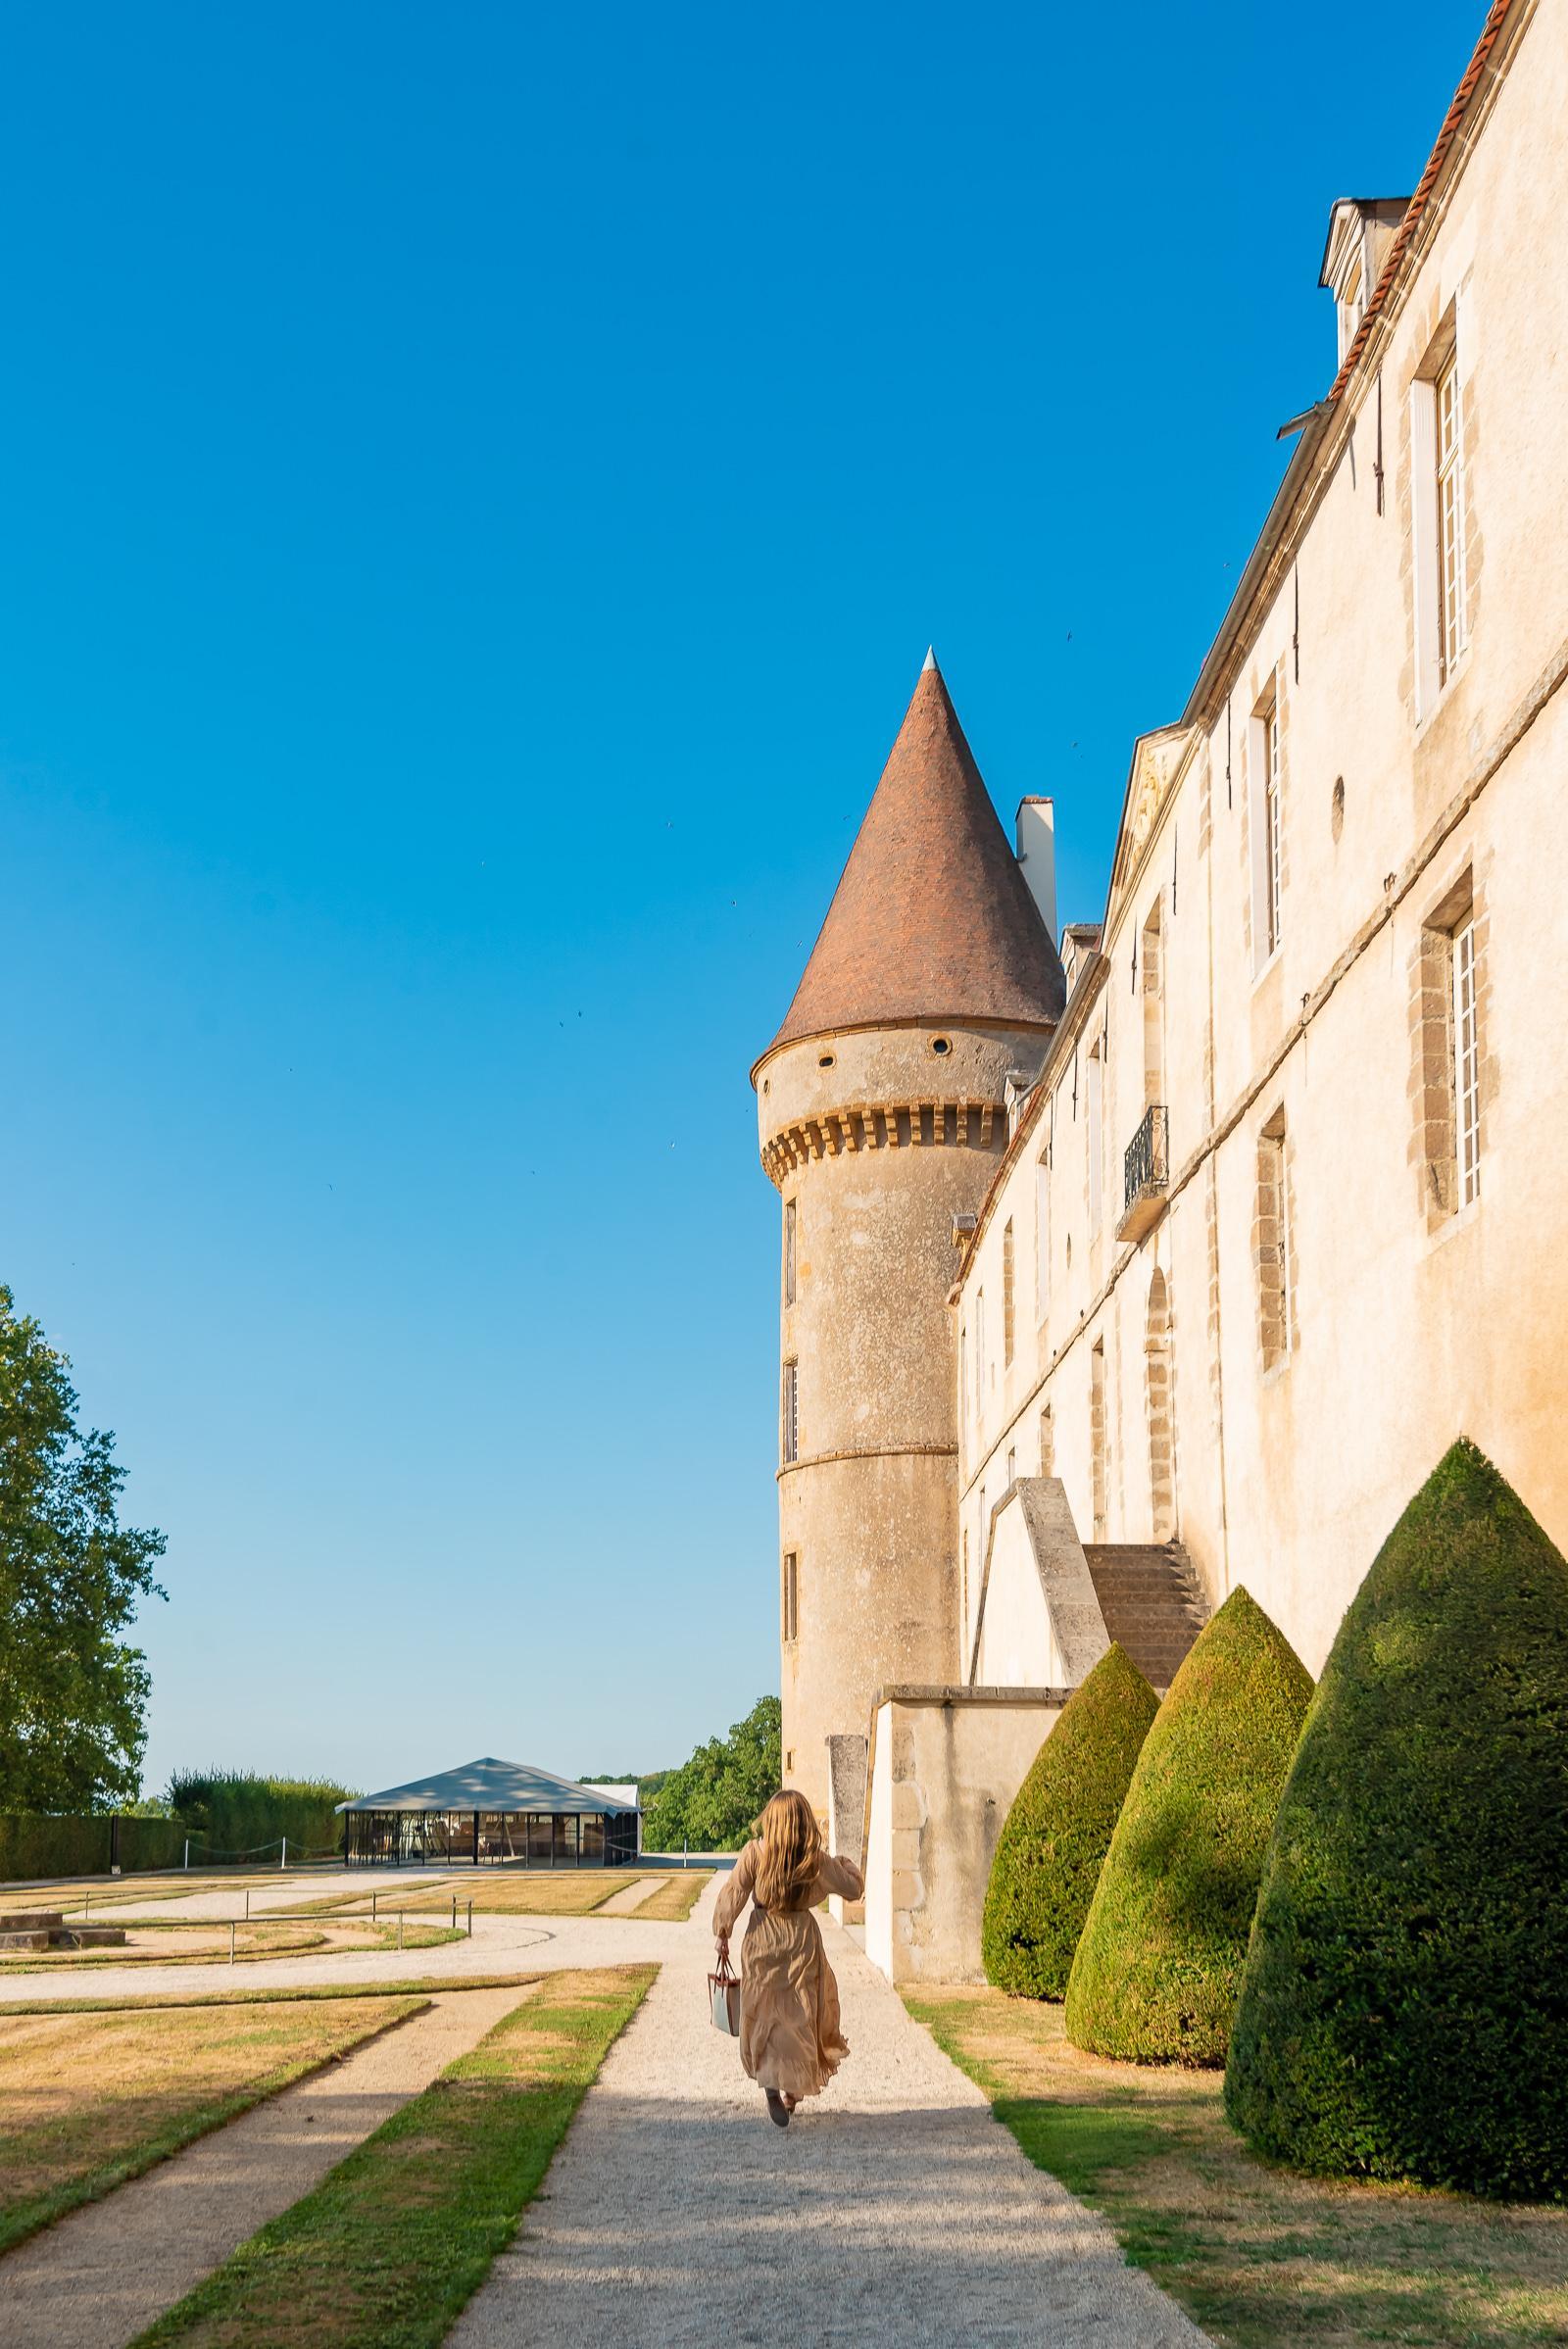 Château de Bazoches-du-Morvan Burgundy France